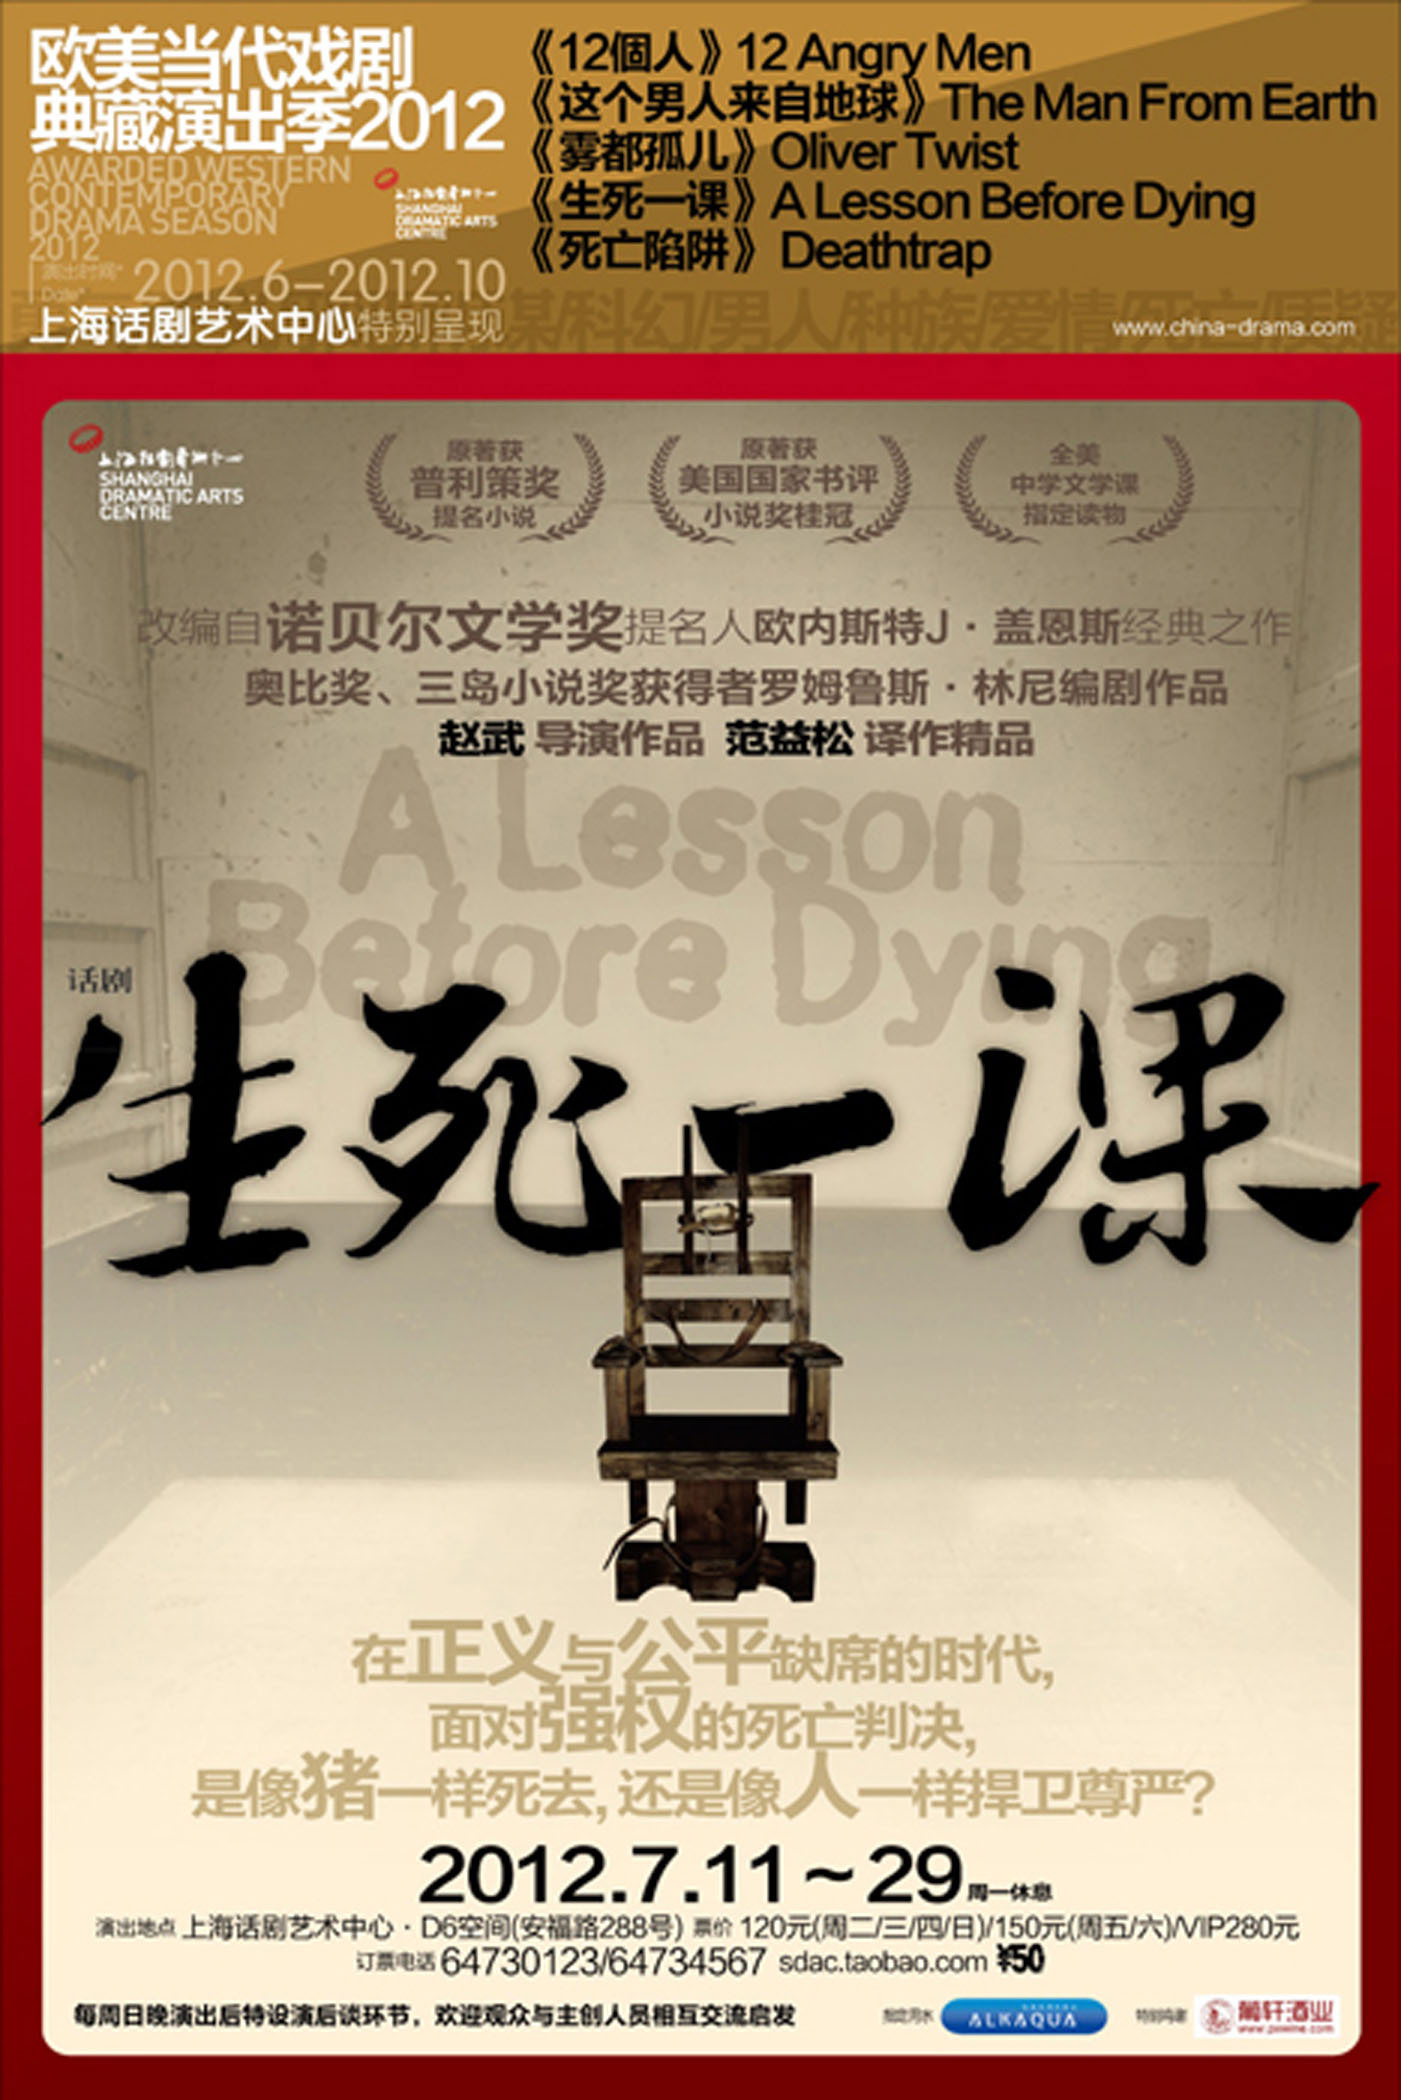 <em></em> Shanghai Dramatic Arts Center production poster of <em>A Lesson Before Dying</em>